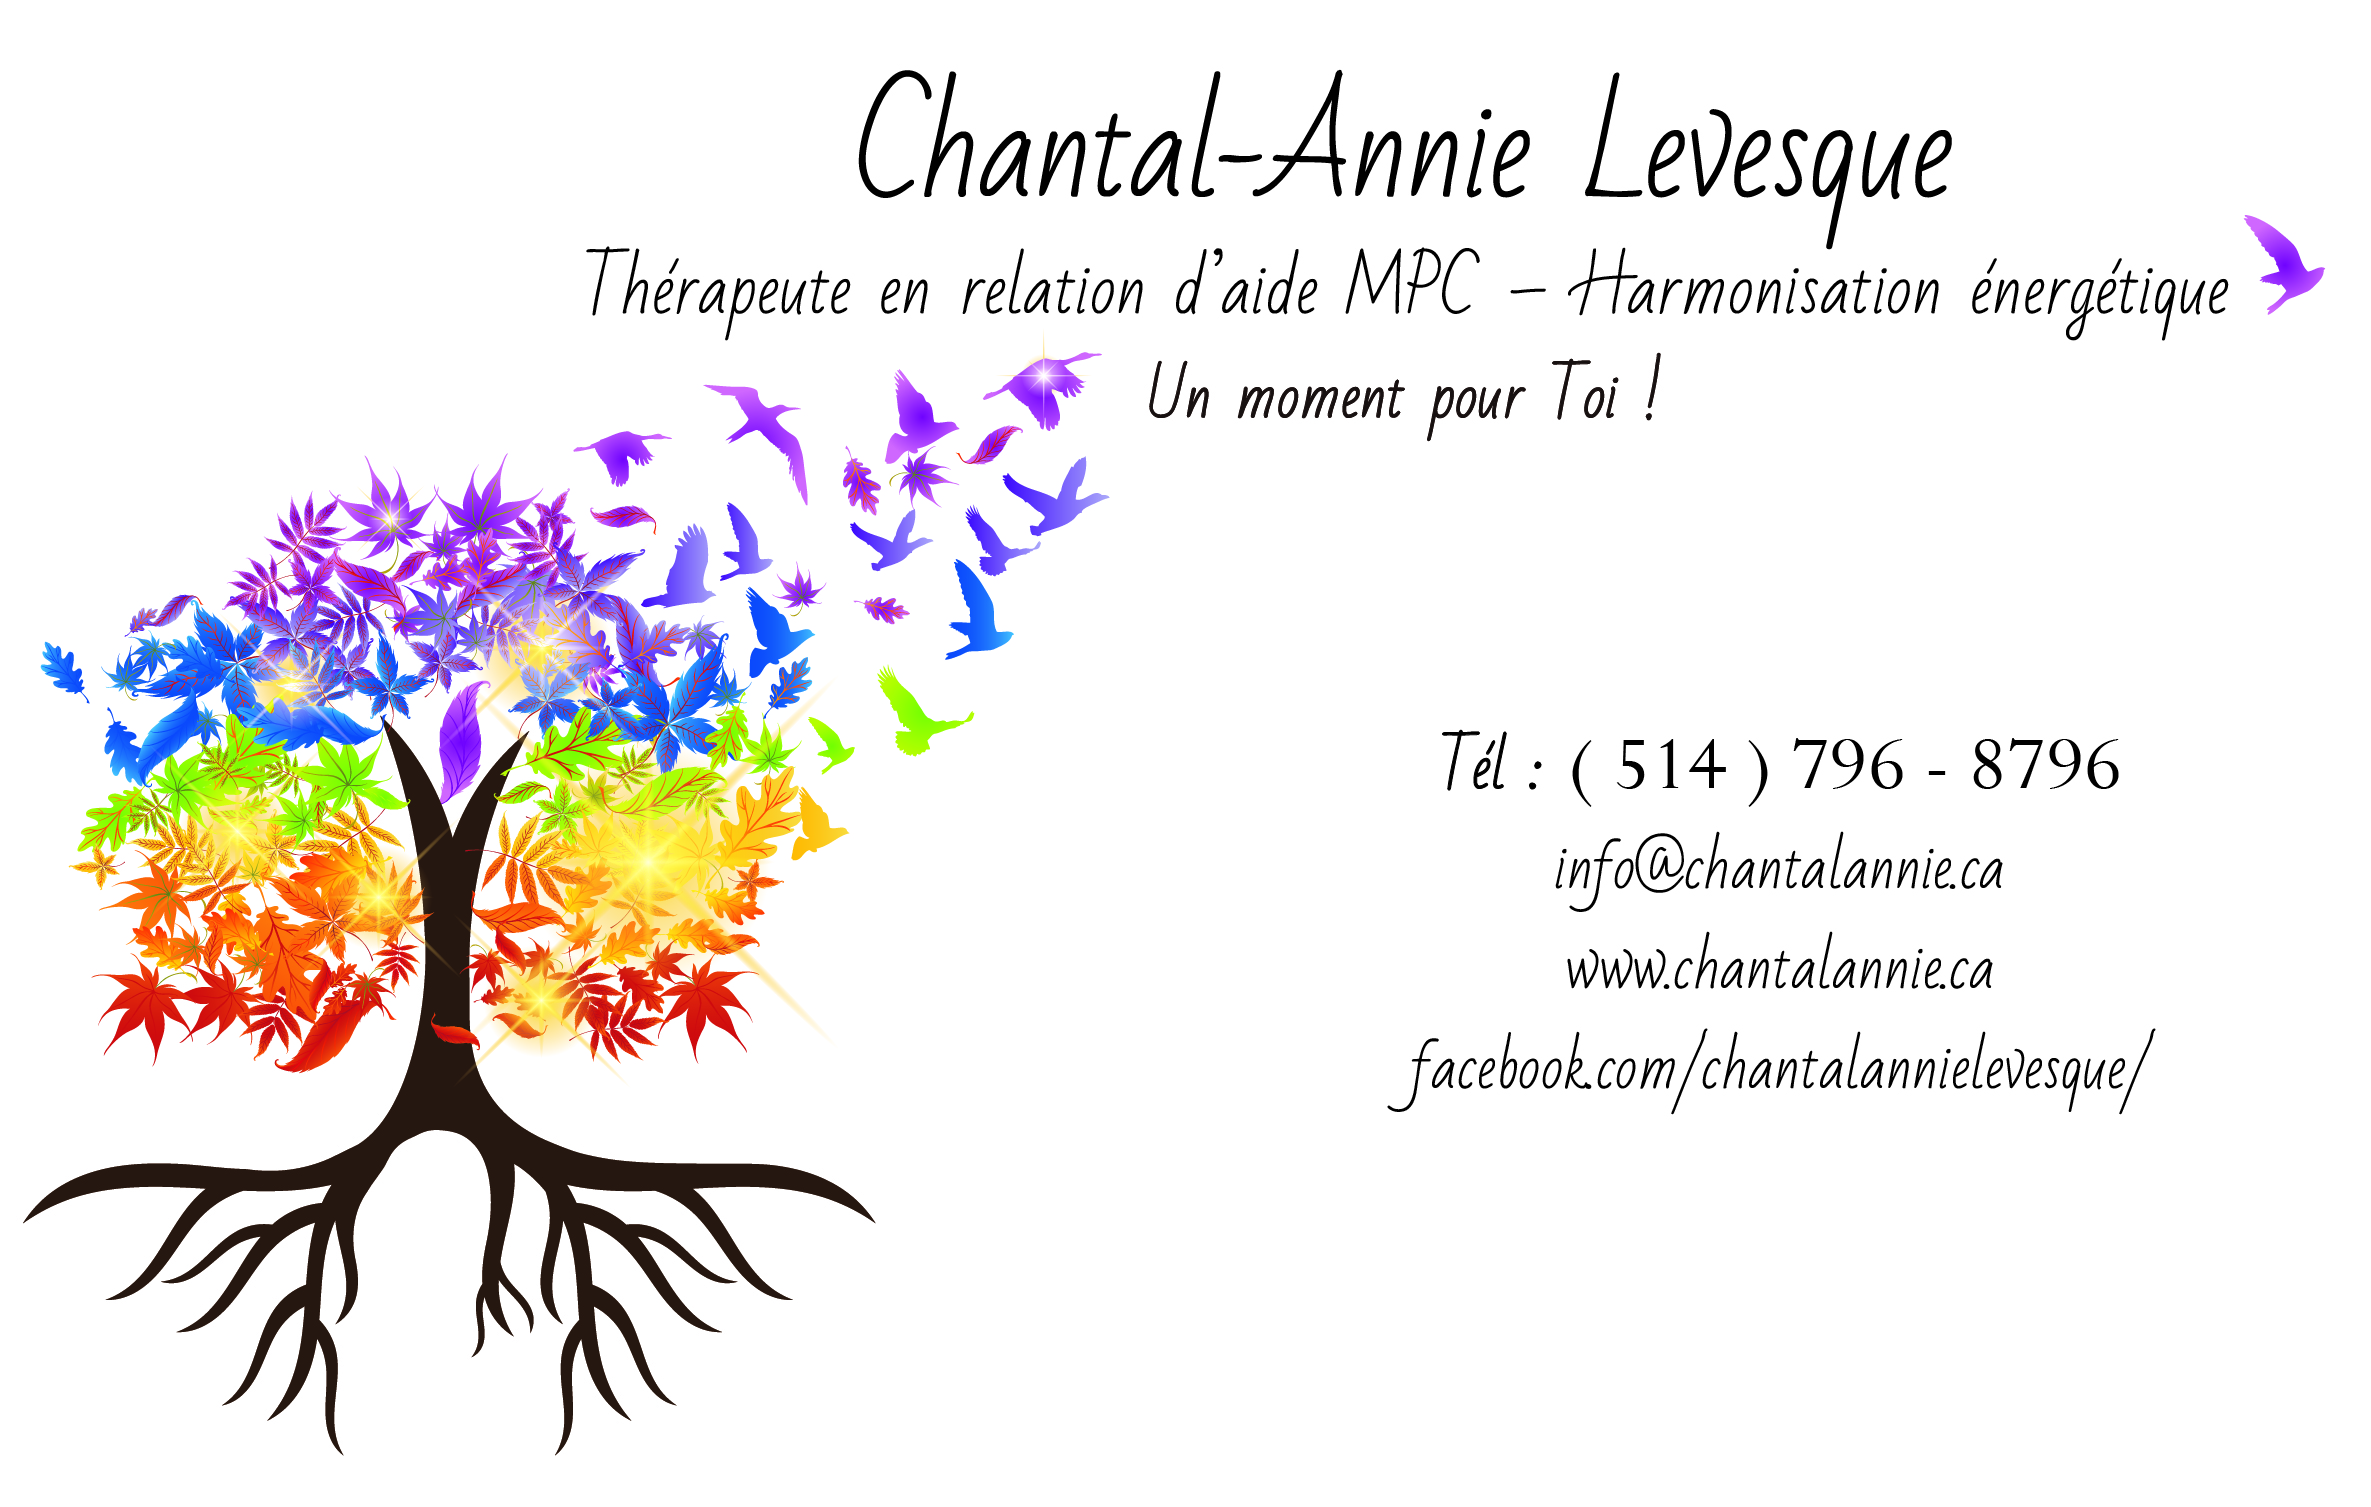 Chantal-Annie Levesque